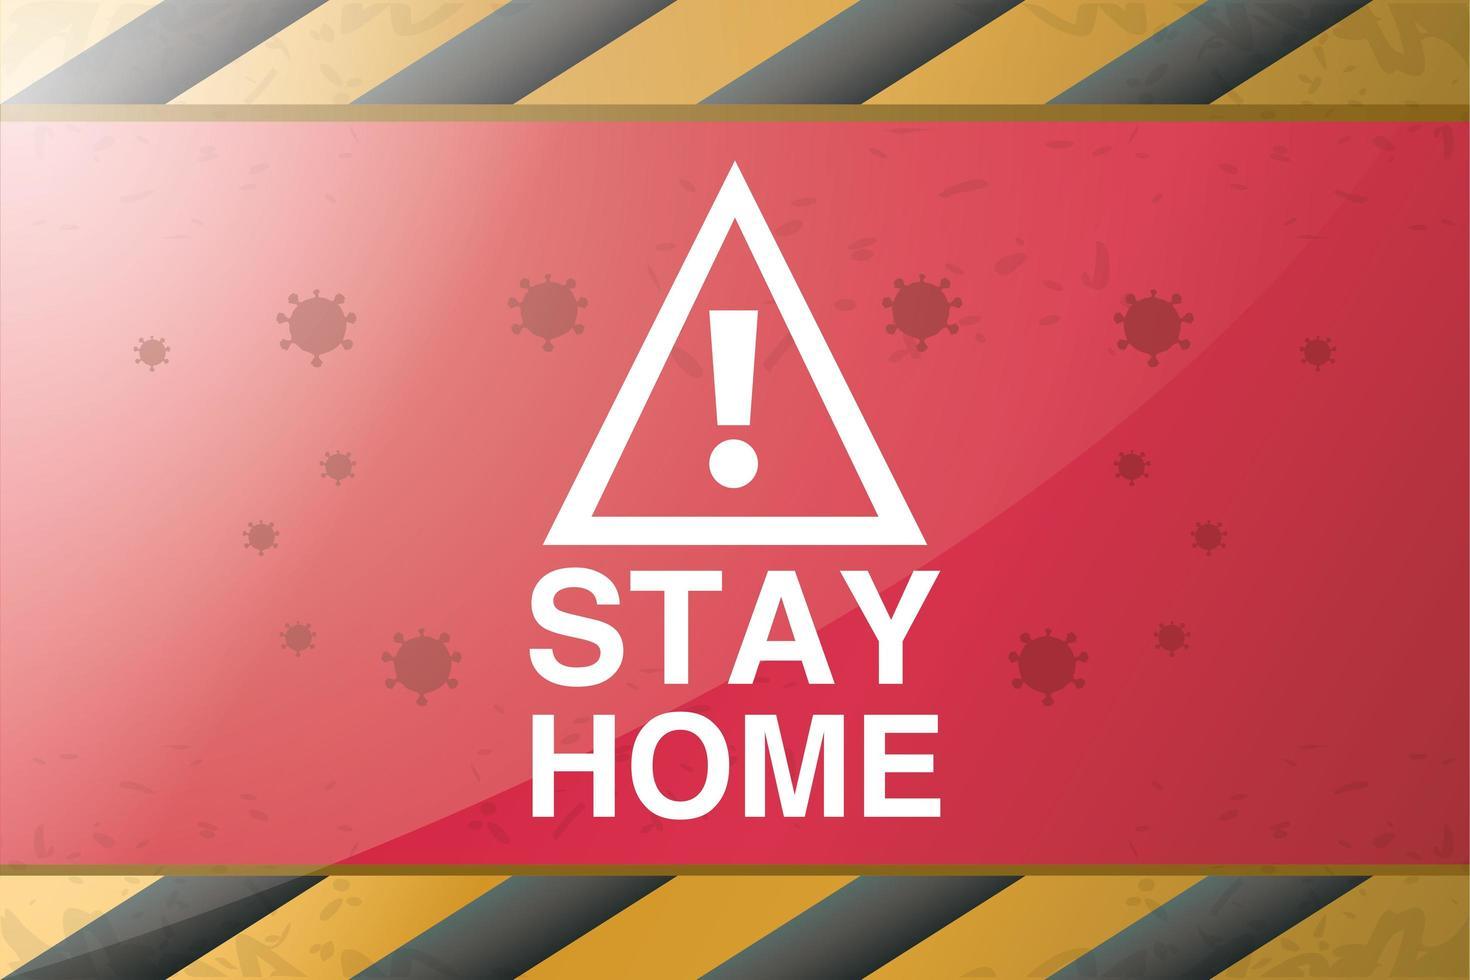 symbol för försiktighet, stanna hemma, stoppa koronavirus vektor